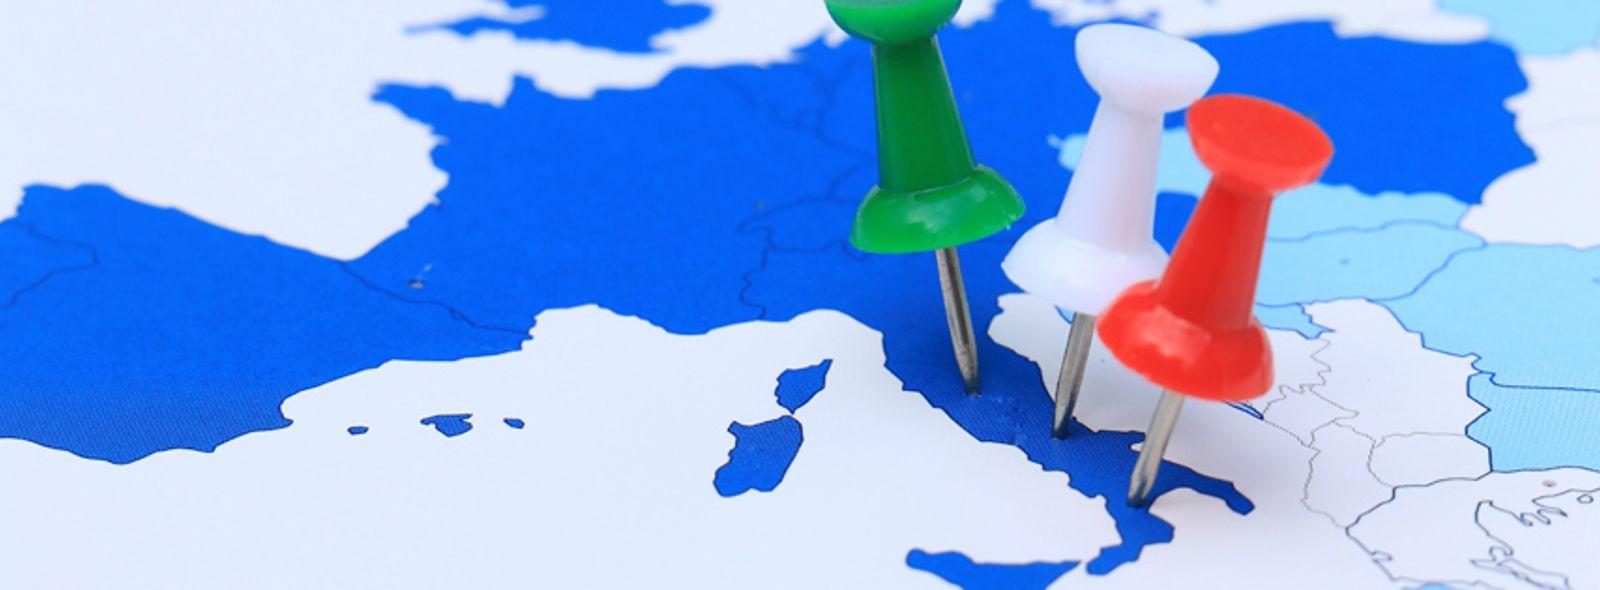 Regioni italiane a statuto speciale